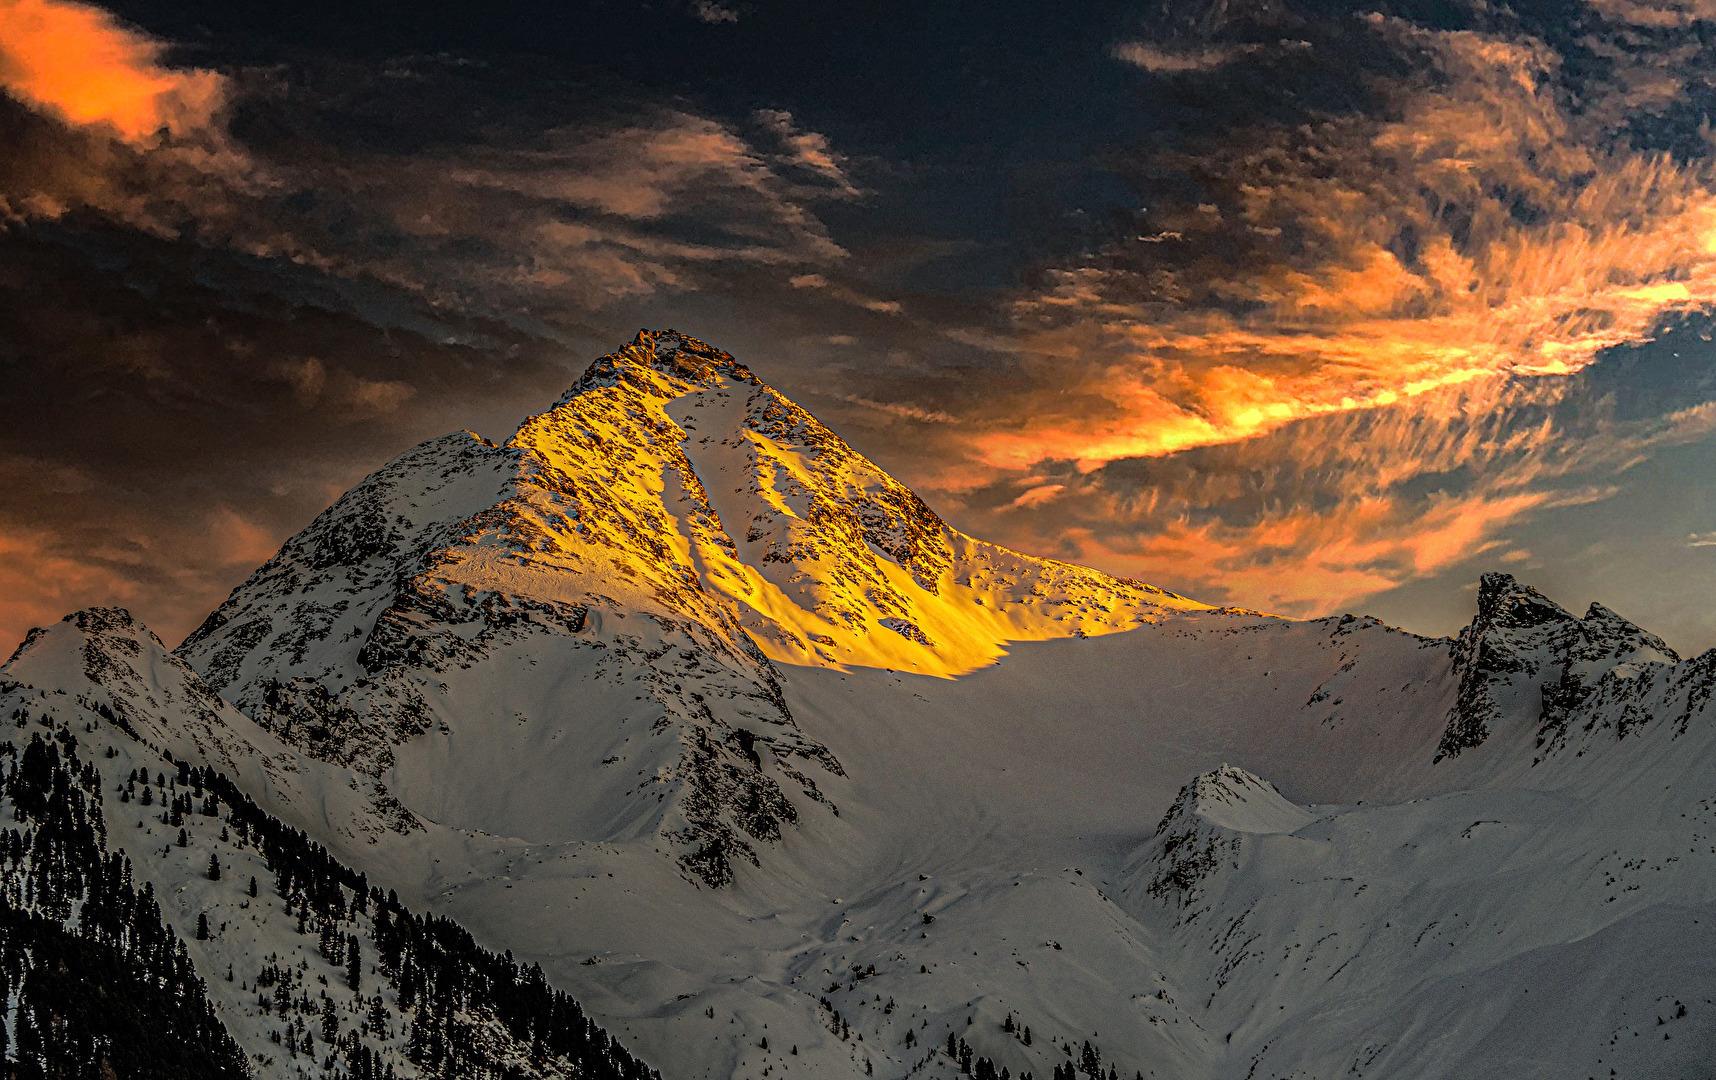 Berge (allgemein)